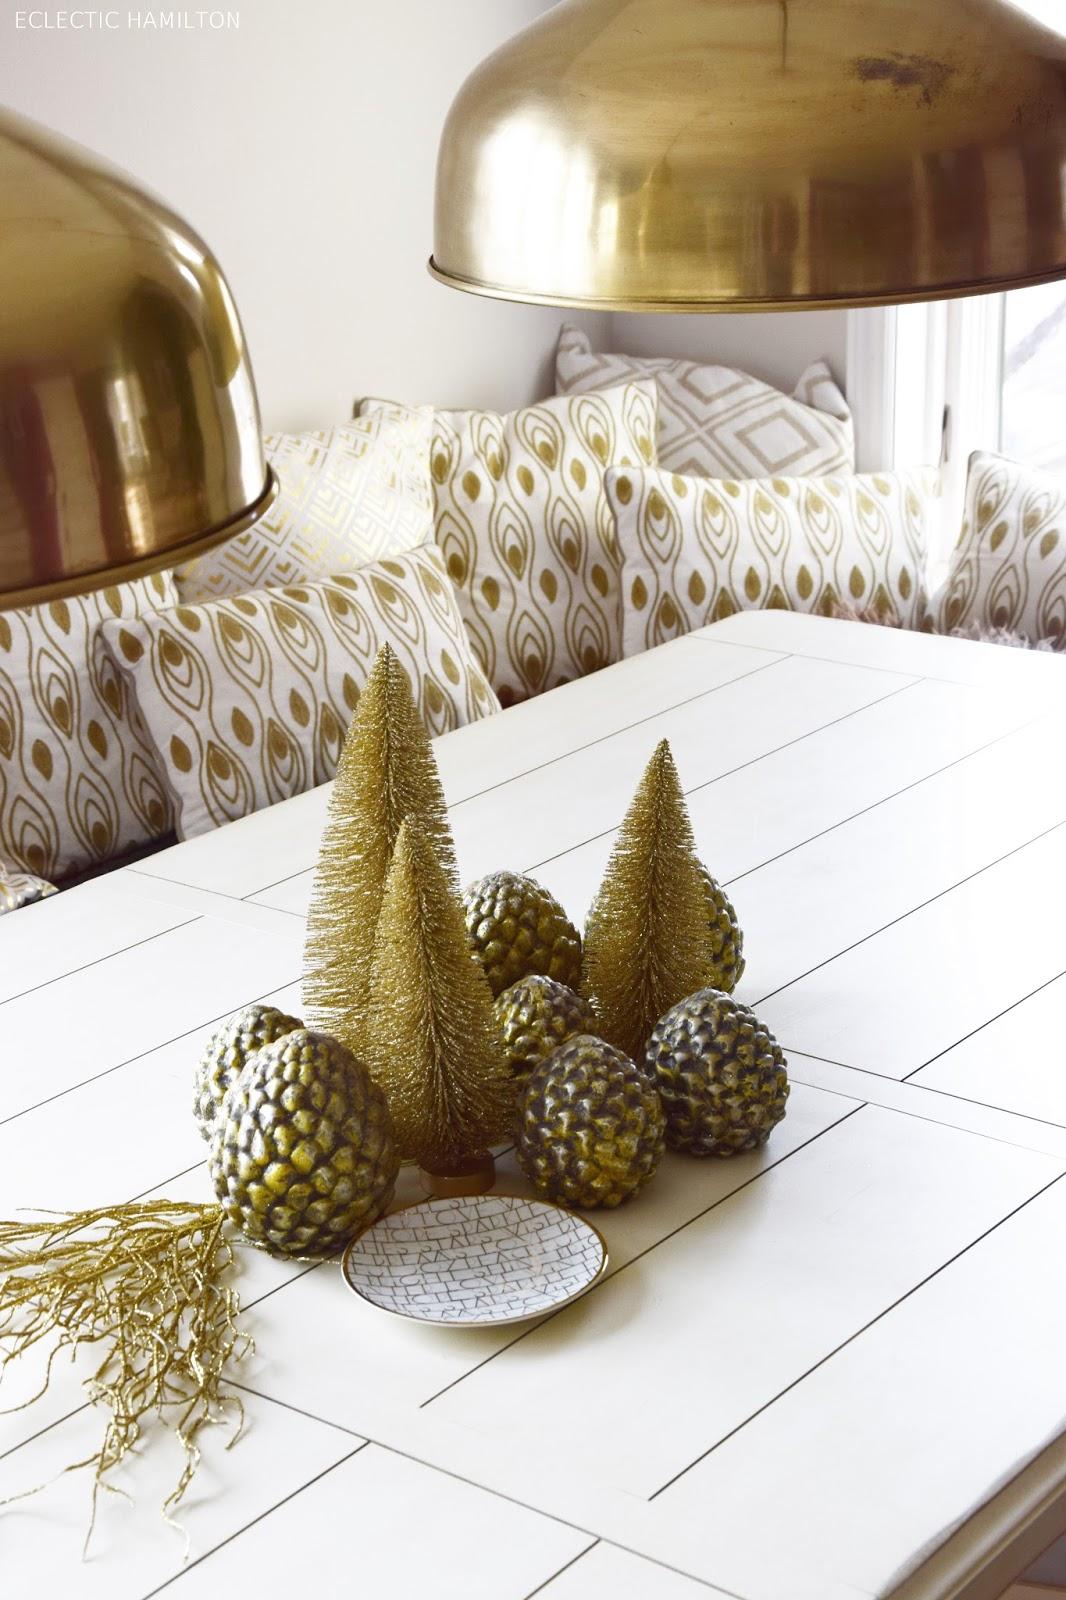 neue lampen f r mein esszimmer und tipps zum leuchtmittelkauf eclectic hamilton. Black Bedroom Furniture Sets. Home Design Ideas